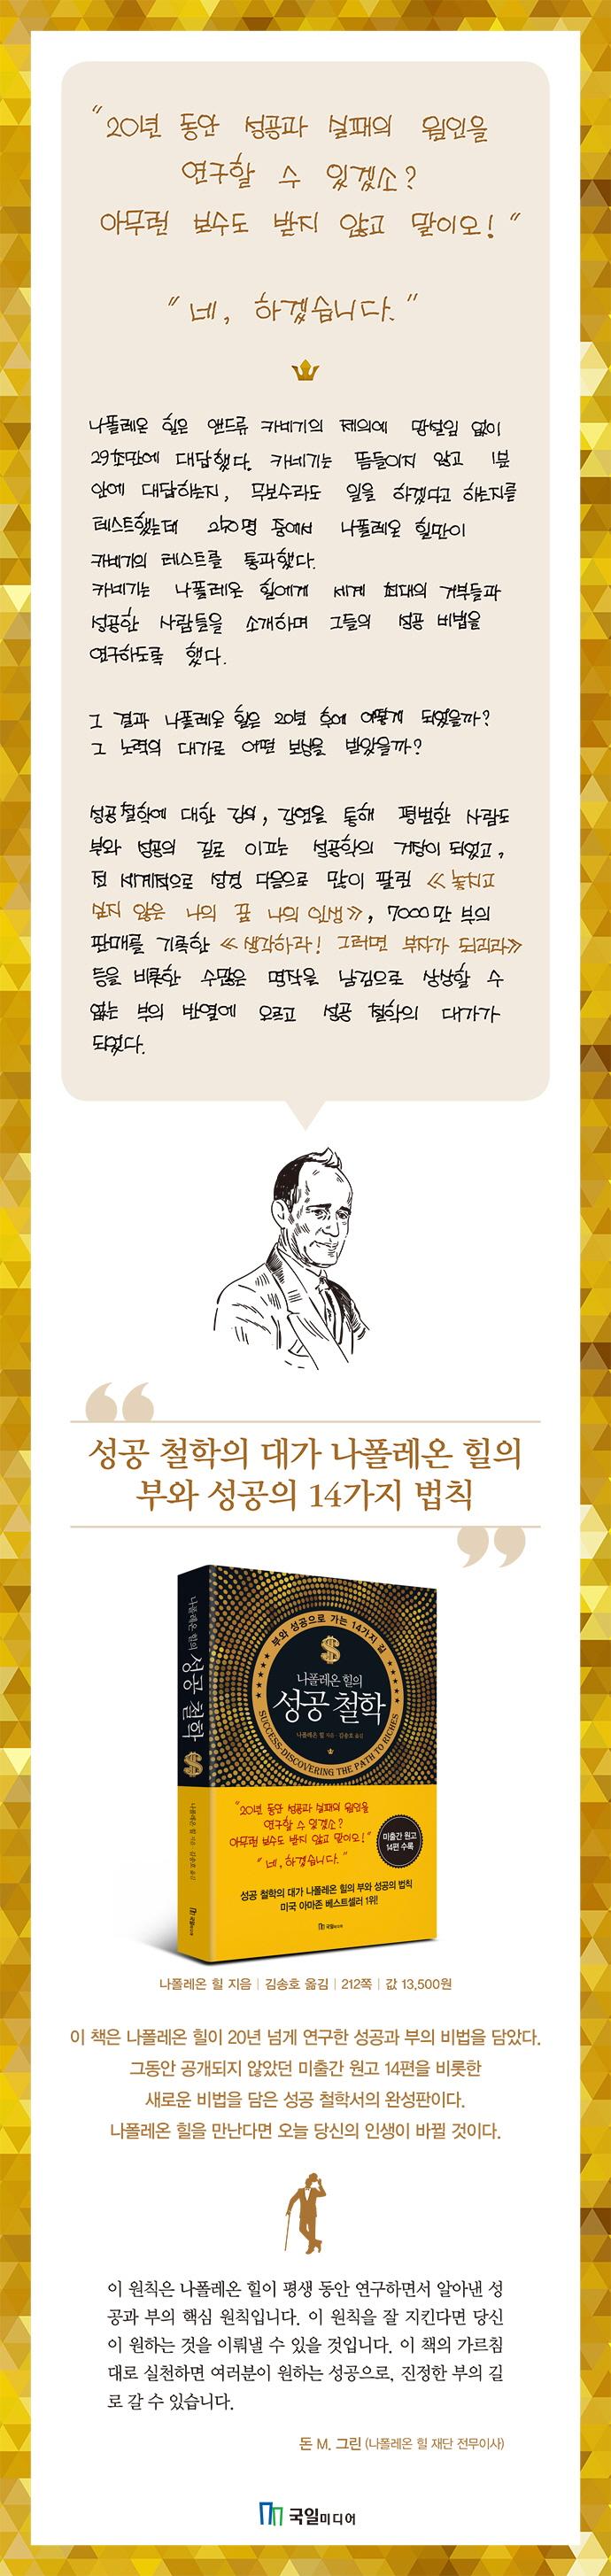 나폴레온 힐의 성공 철학(양장본 HardCover) 도서 상세이미지